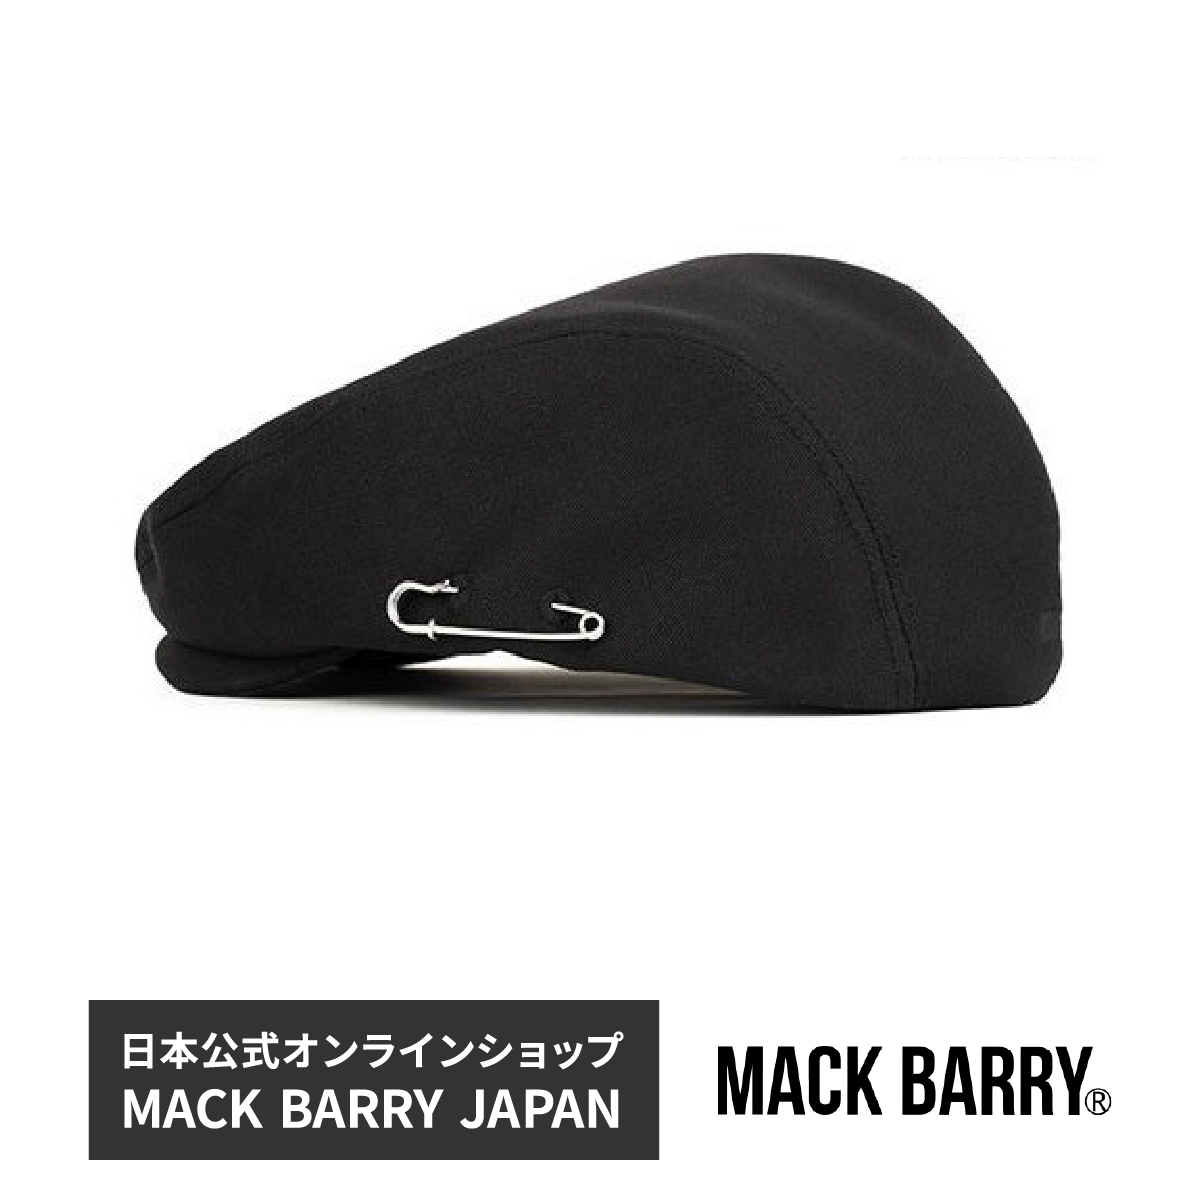 BTSをはじめ 韓国アーティストが多数着用する人気ヘッドウェアブランド MACK BARRY JAPAN の公式ショップ BTS着用ブランド 韓流アイドル着用で話題のキャップブランド MCBRY NEWSBOY キャスケット 国内正規品 lady's ブラック セールSALE%OFF men's CAP マクバリー カジュアル 直輸入品激安 レディース ストリート